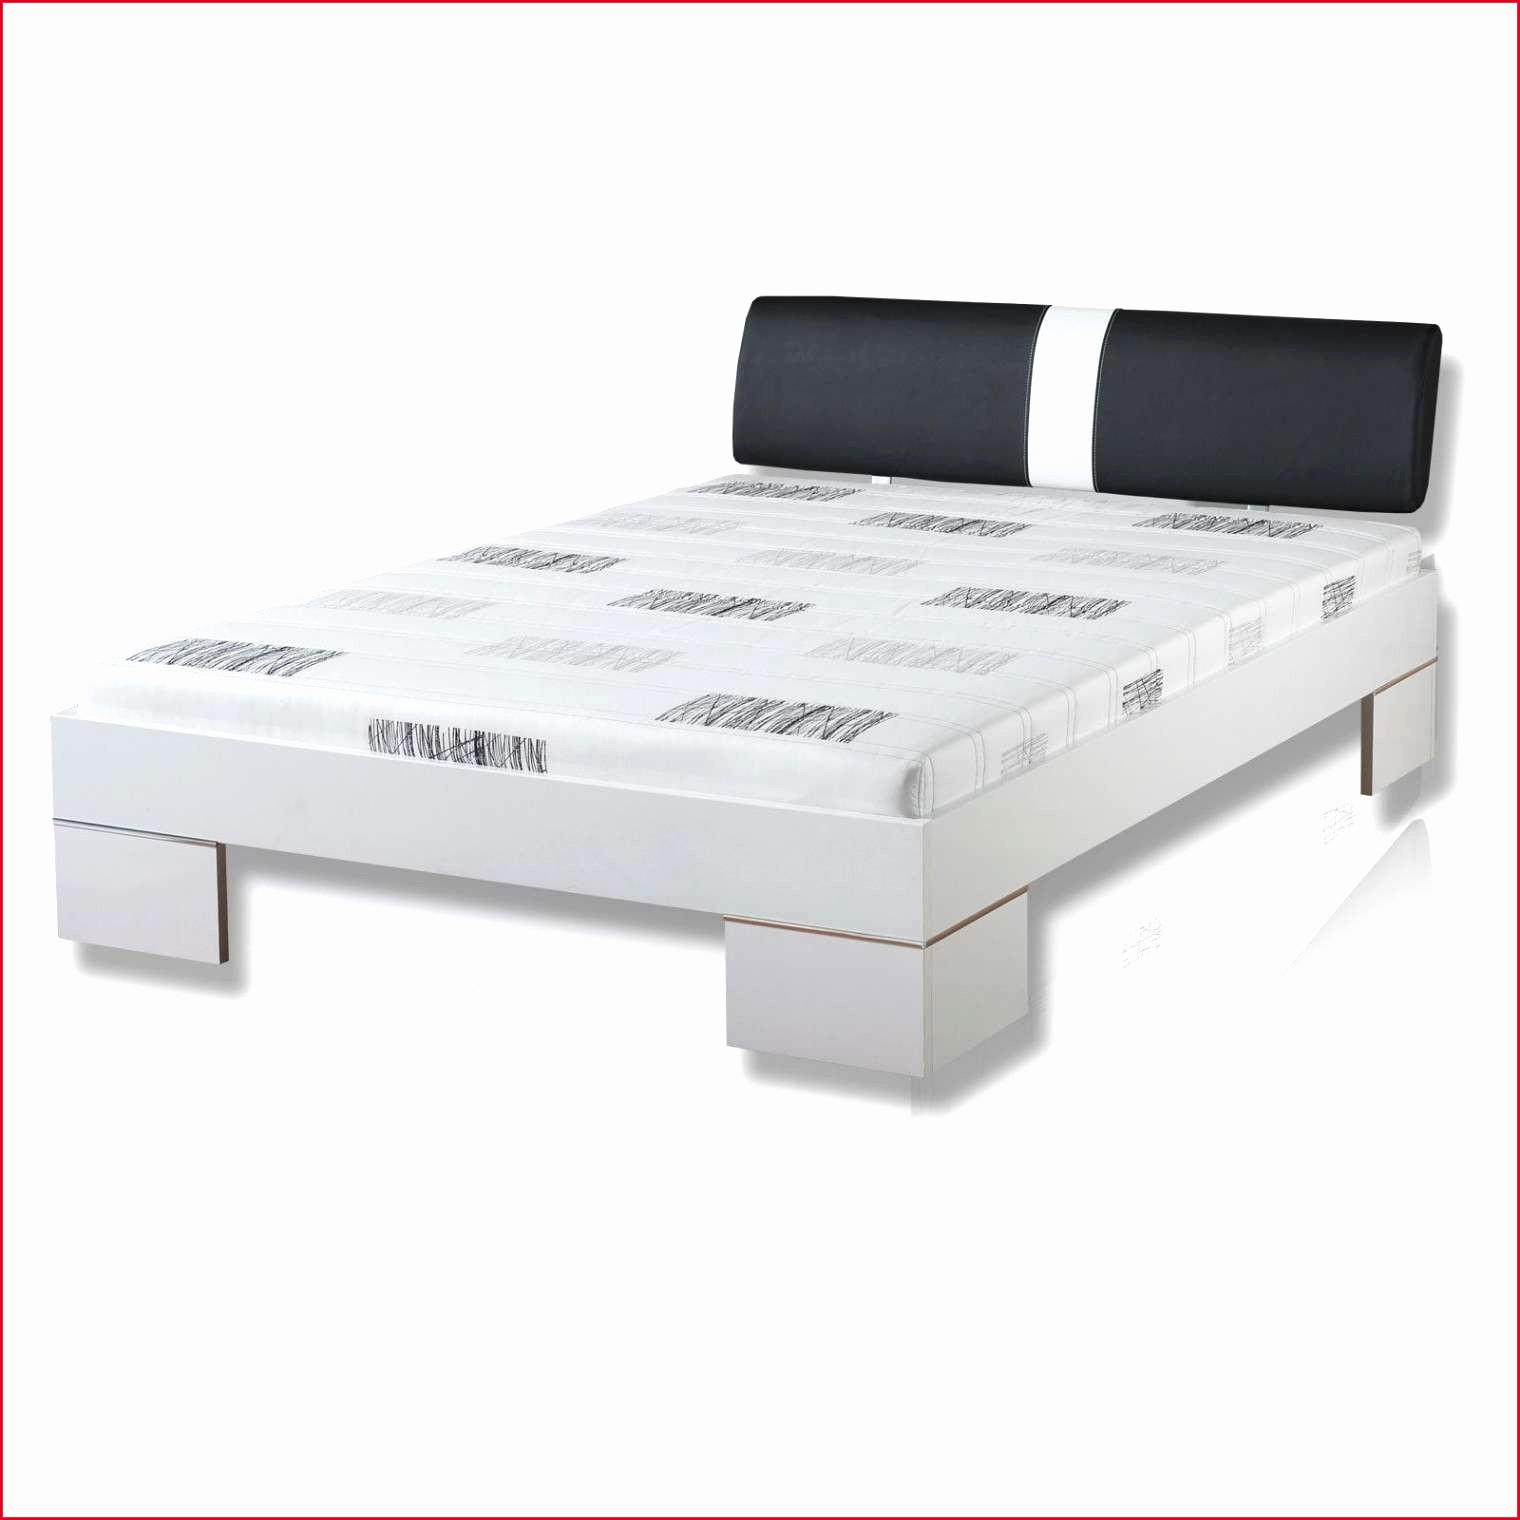 Full Size of Ikea Bett 140x200 Mit Schubladen Ohne Kopfteil Stunning With Lattenrost Betten Ausklappbares Somnus Poco Günstig Kaufen Für übergewichtige 160x200 Podest Wohnzimmer Ikea Bett 140x200 Mit Schubladen